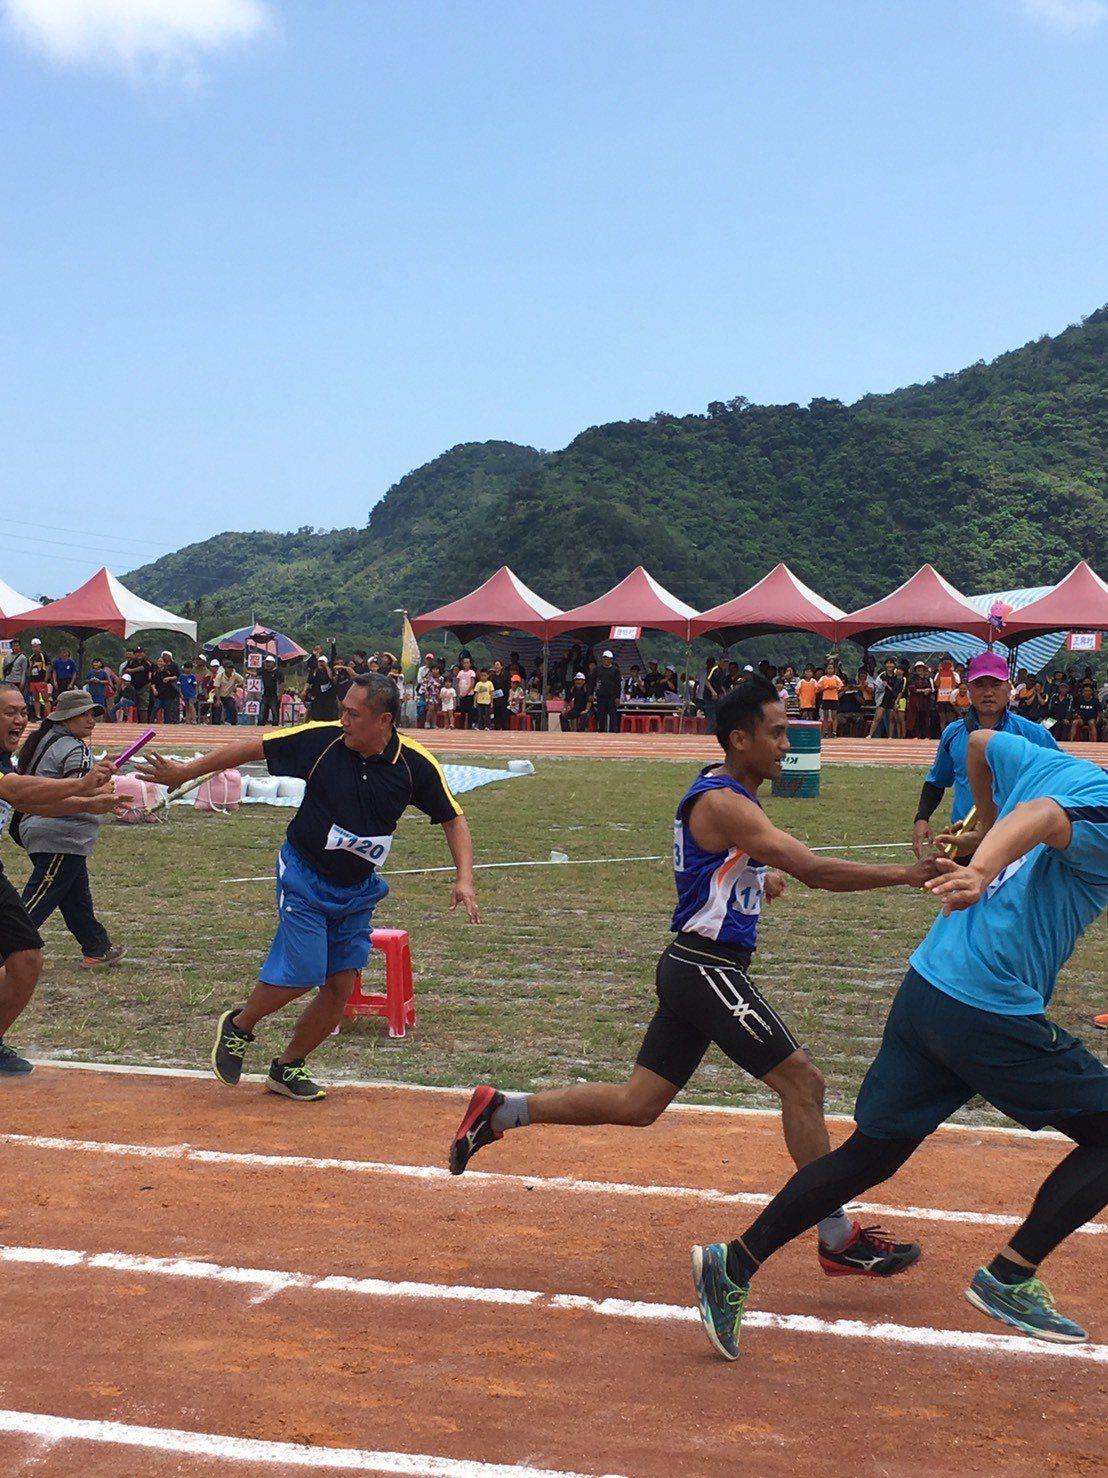 台東南迴達仁鄉及金峰鄉,一連2天舉辦鄉運活動,熱鬧喧騰。記者尤聰光/翻攝